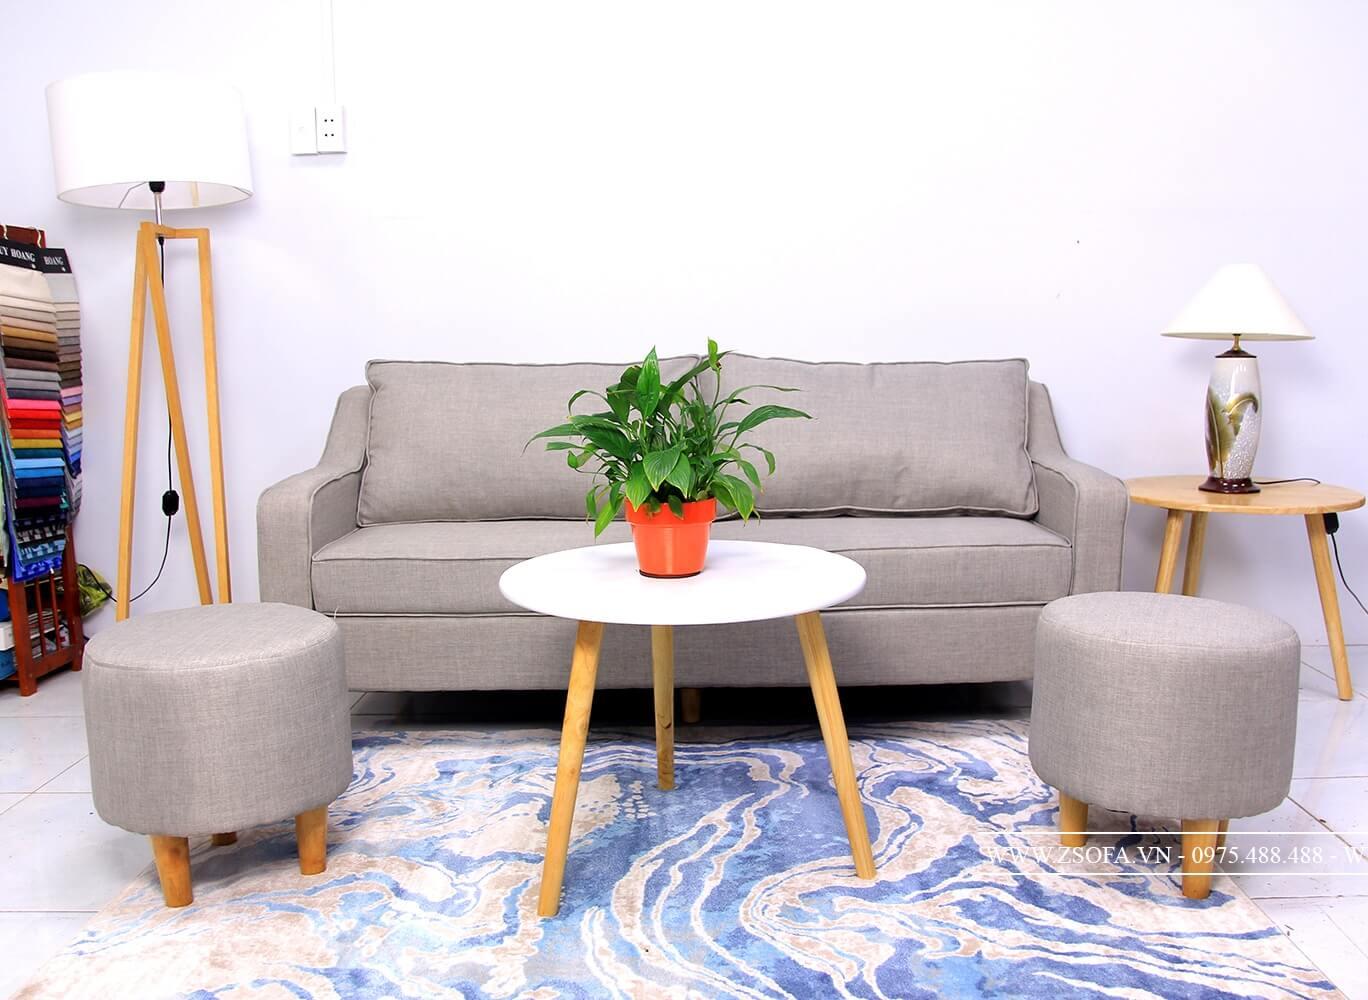 Nợi cung cấp thảm sofa TPHCM tốt nhất